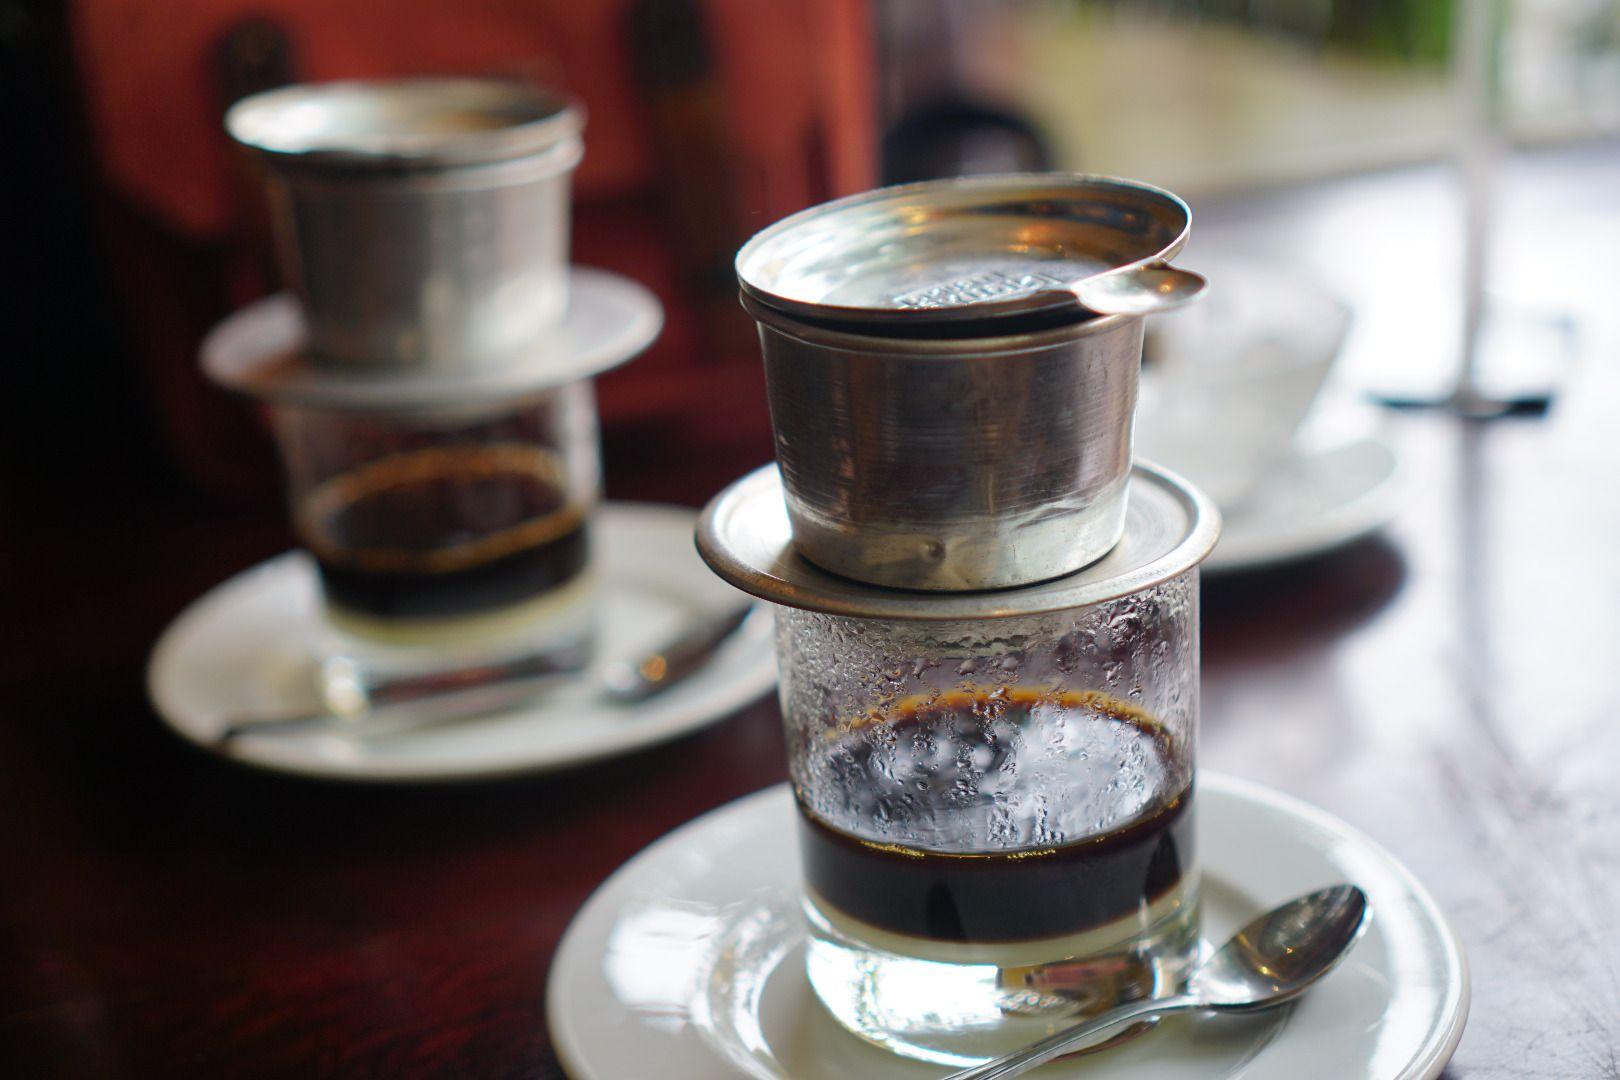 Thưởng thức những giọt cà phê nhỏ tí tách trên ly